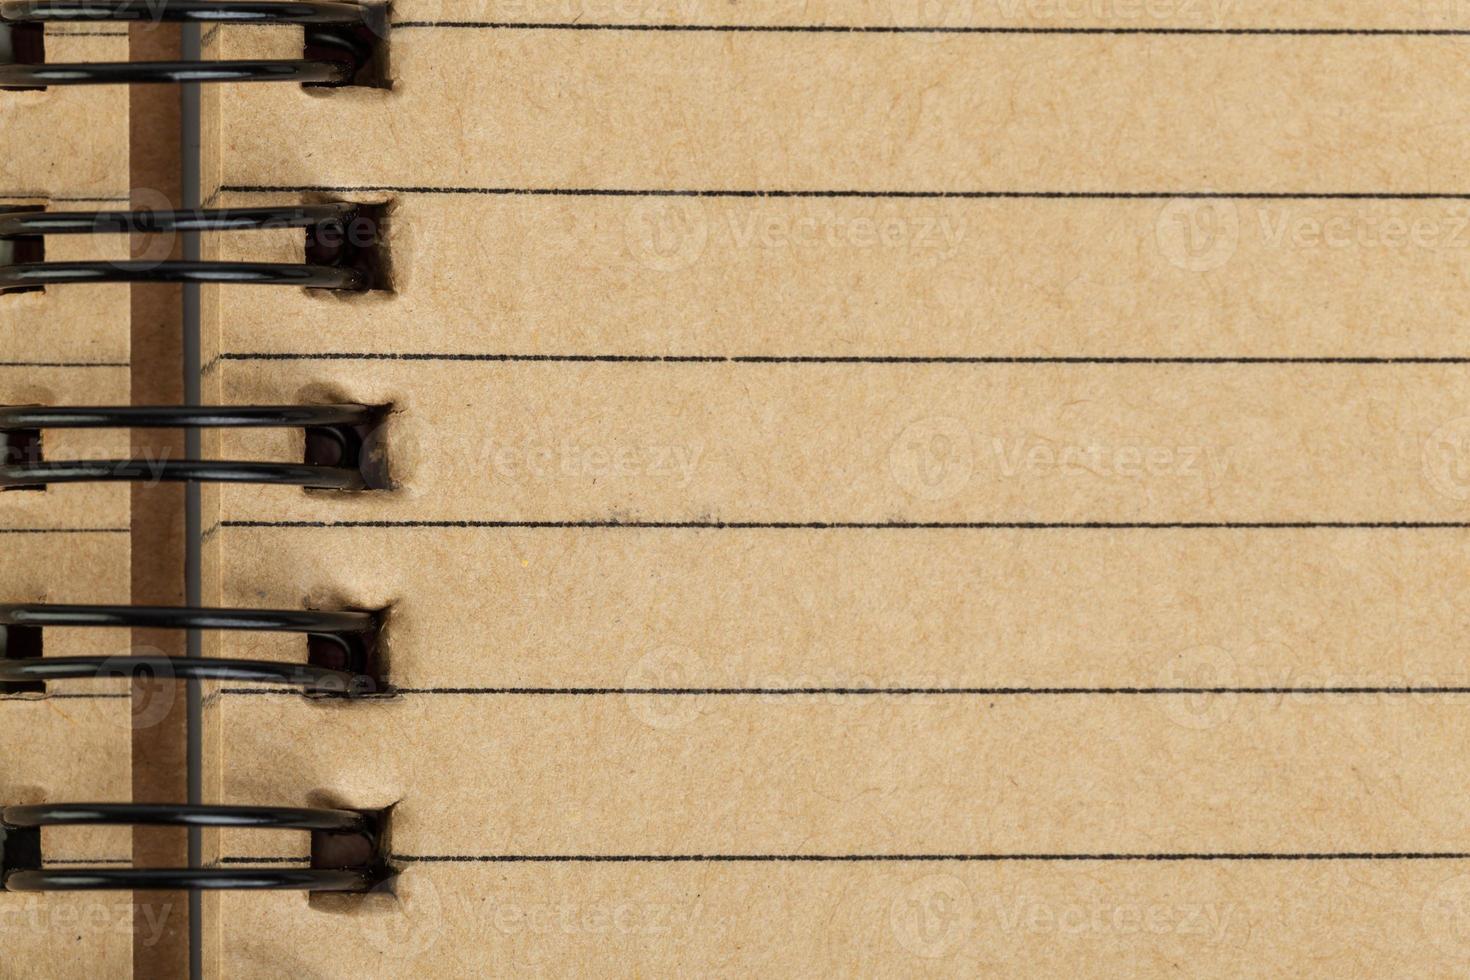 hoja de cuaderno hecha de papel reciclado como fondo foto